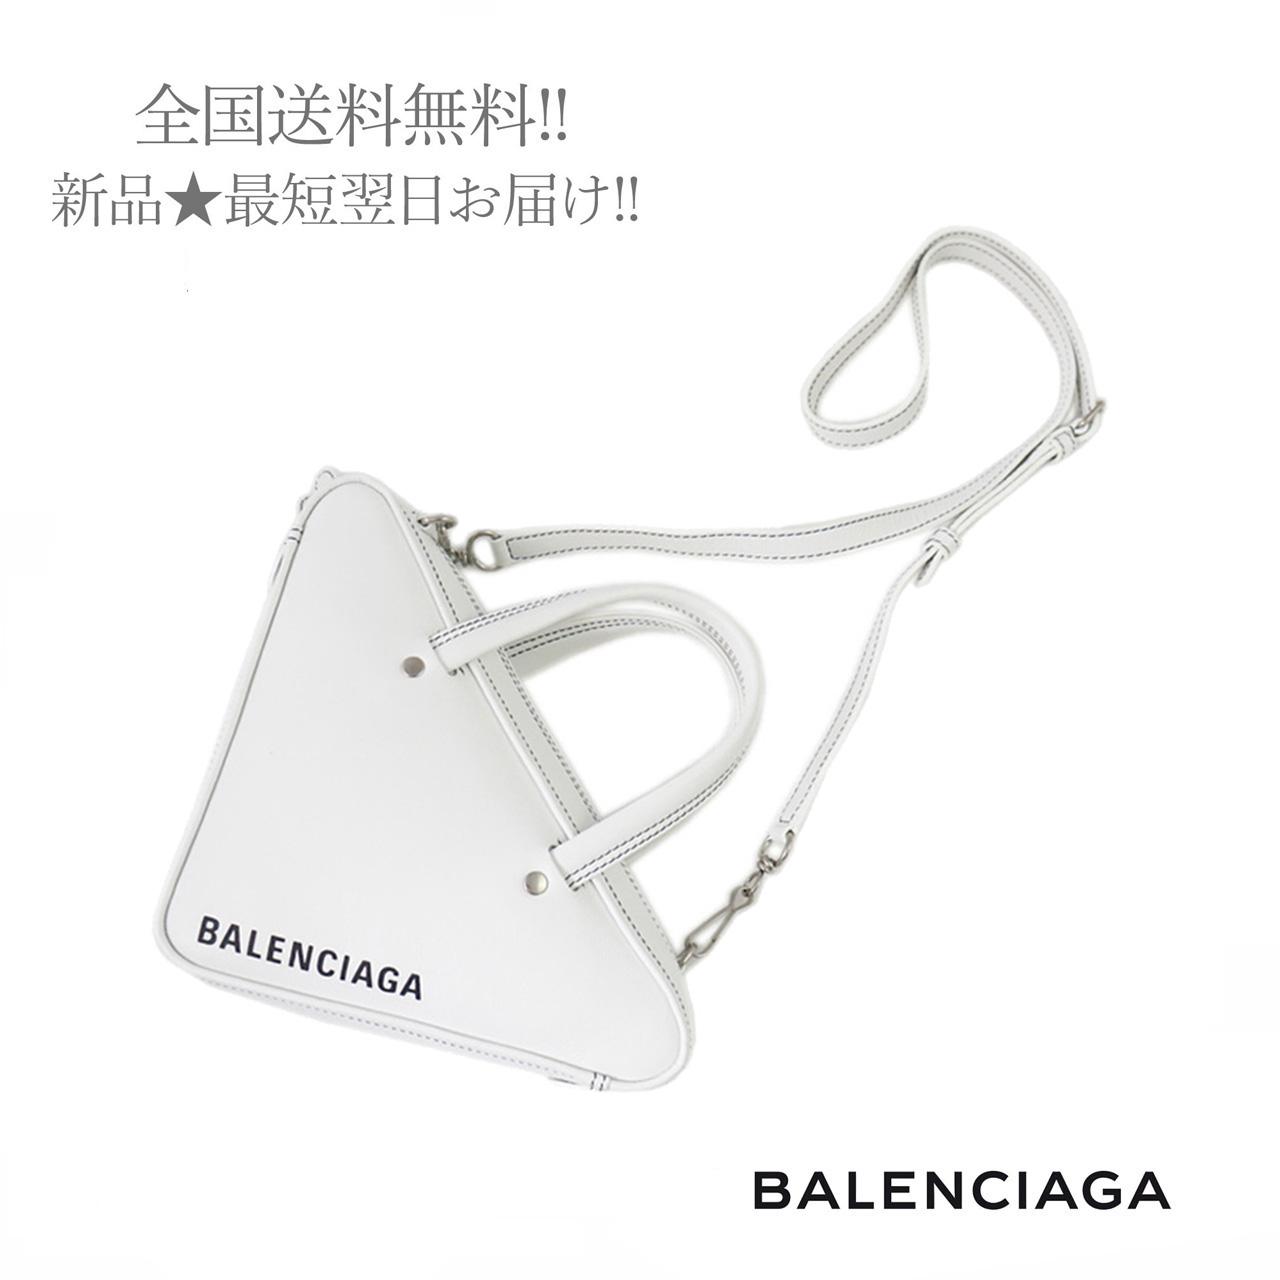 BALENCIAGA バレンシアガ ハンドバッグ セール特価 トライアングル ダッフル 2WAY バイカラー イタリア製 レディース 9000 ブラック ホワイト 新品 × 格安店 女 XS